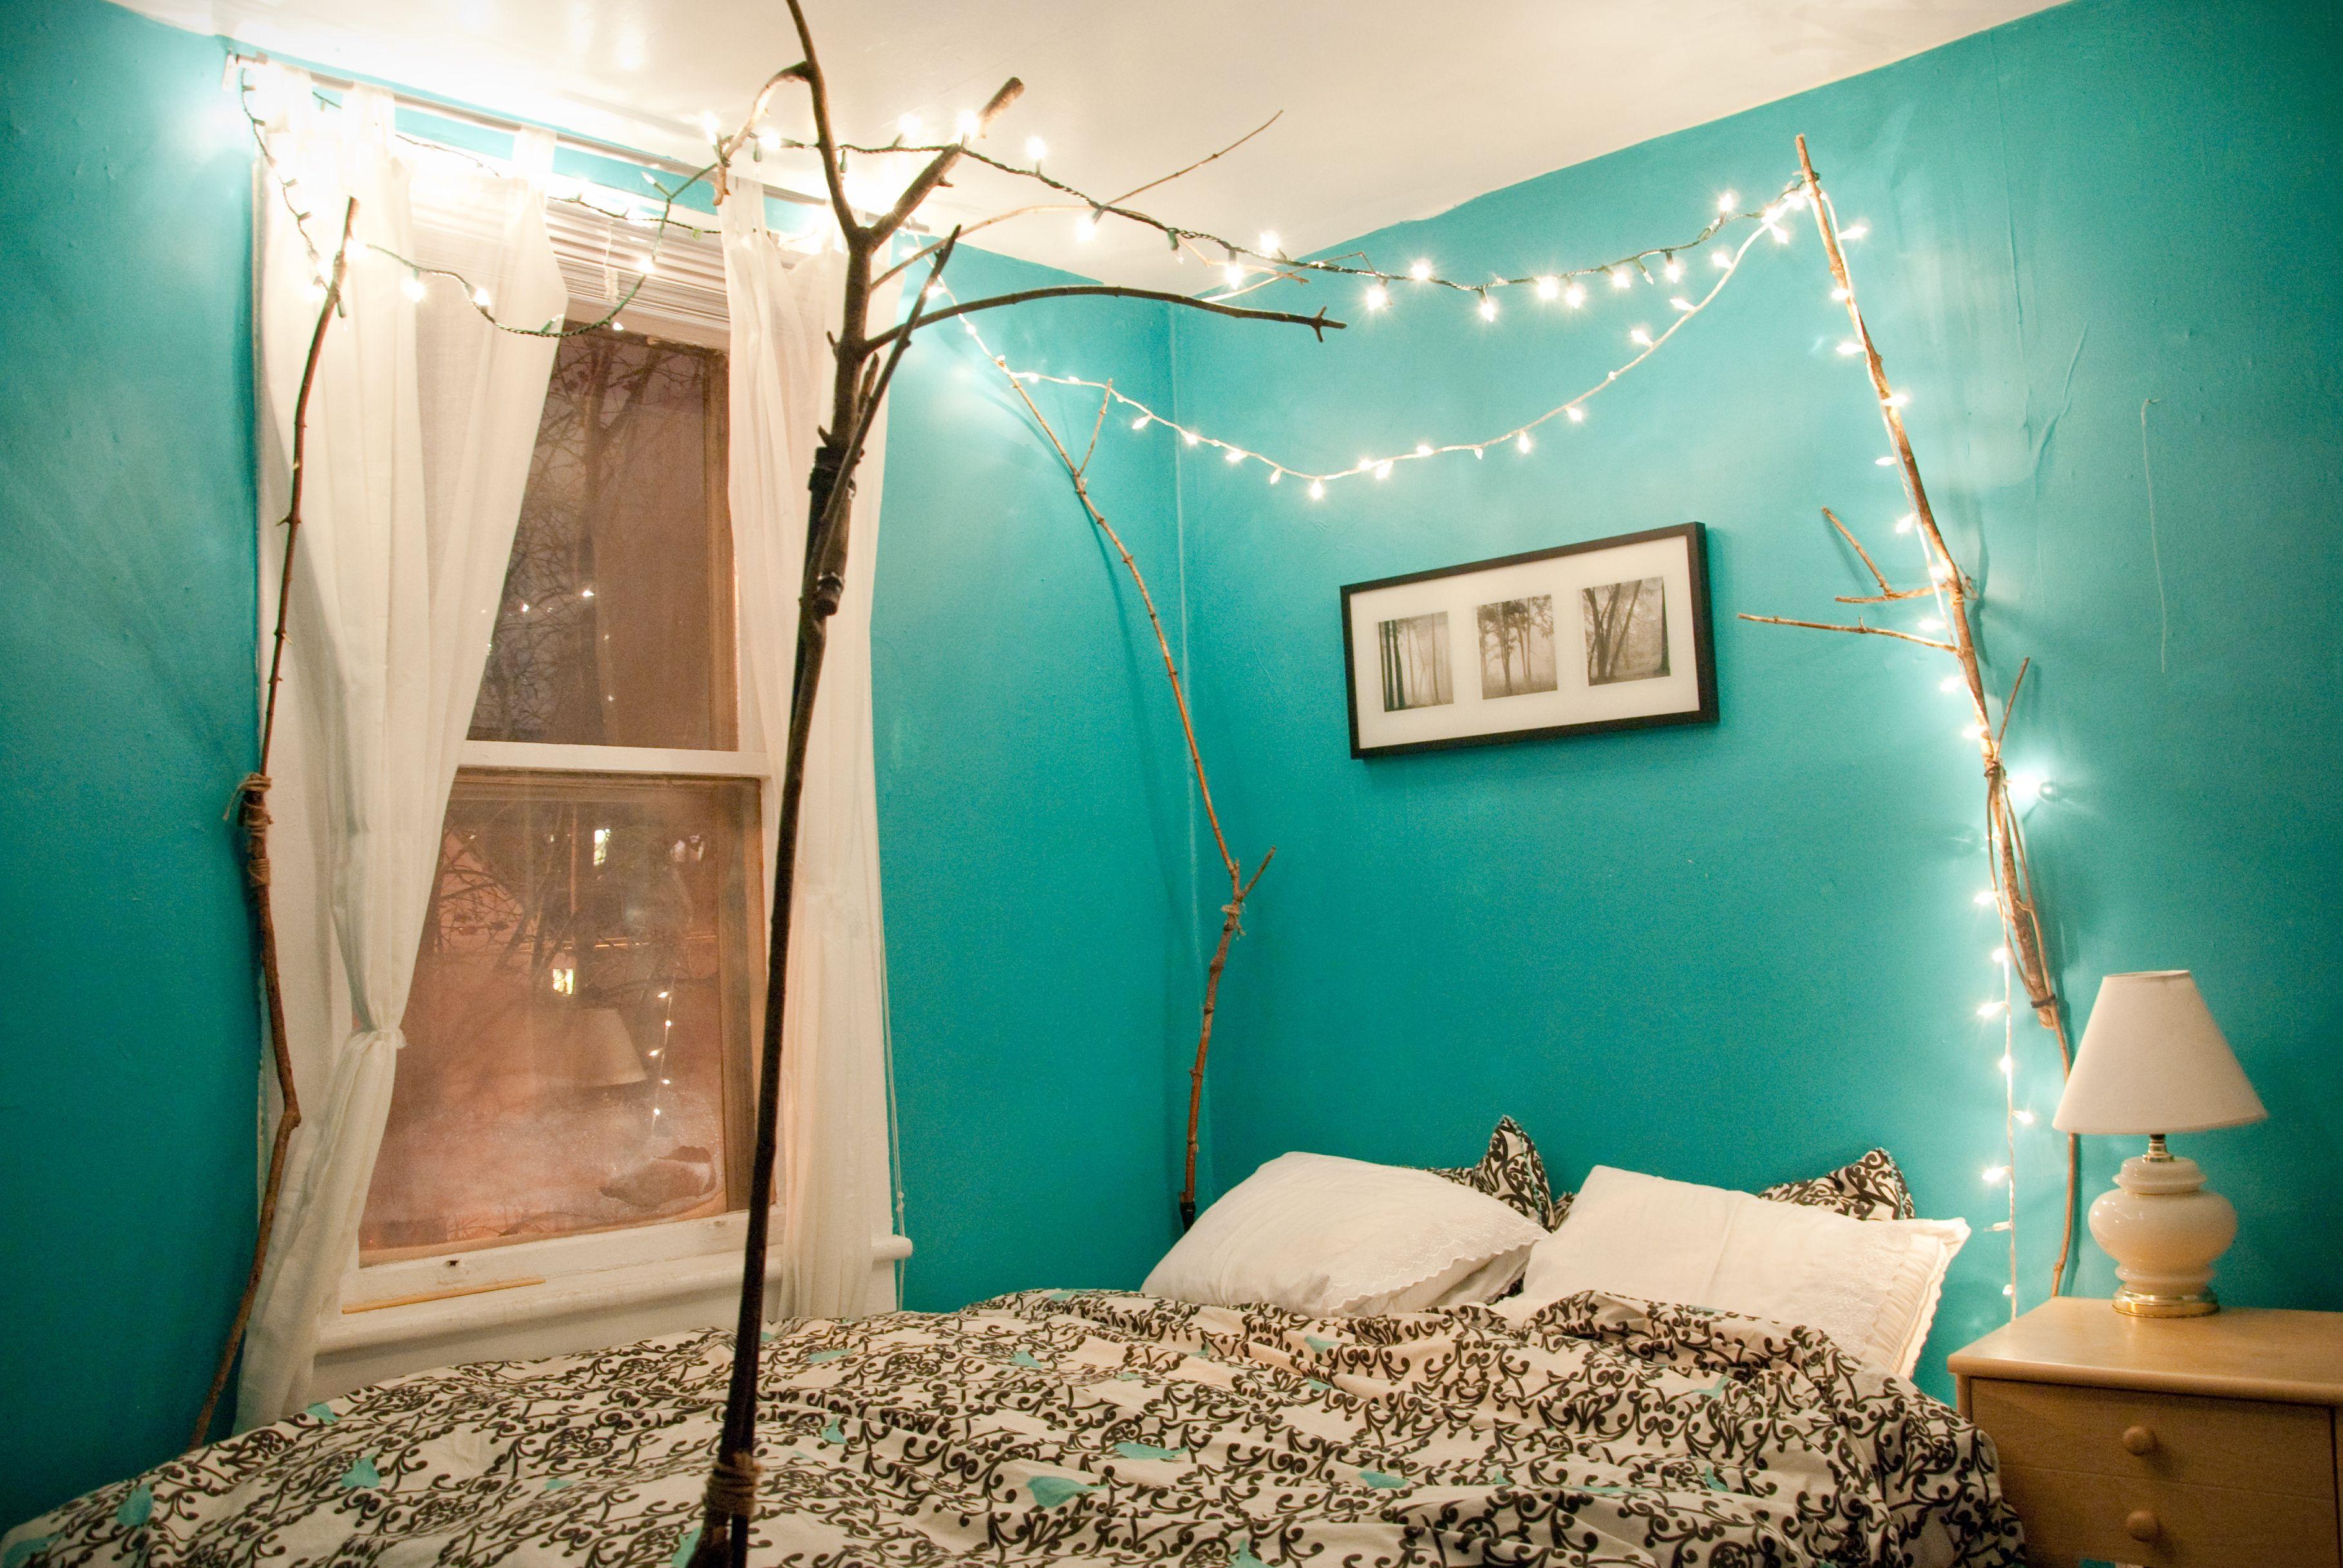 Uma #decoração despojada e romântica para o #quarto do jovem casal. Usaria esta #decoração? #homedecor #ficaadica